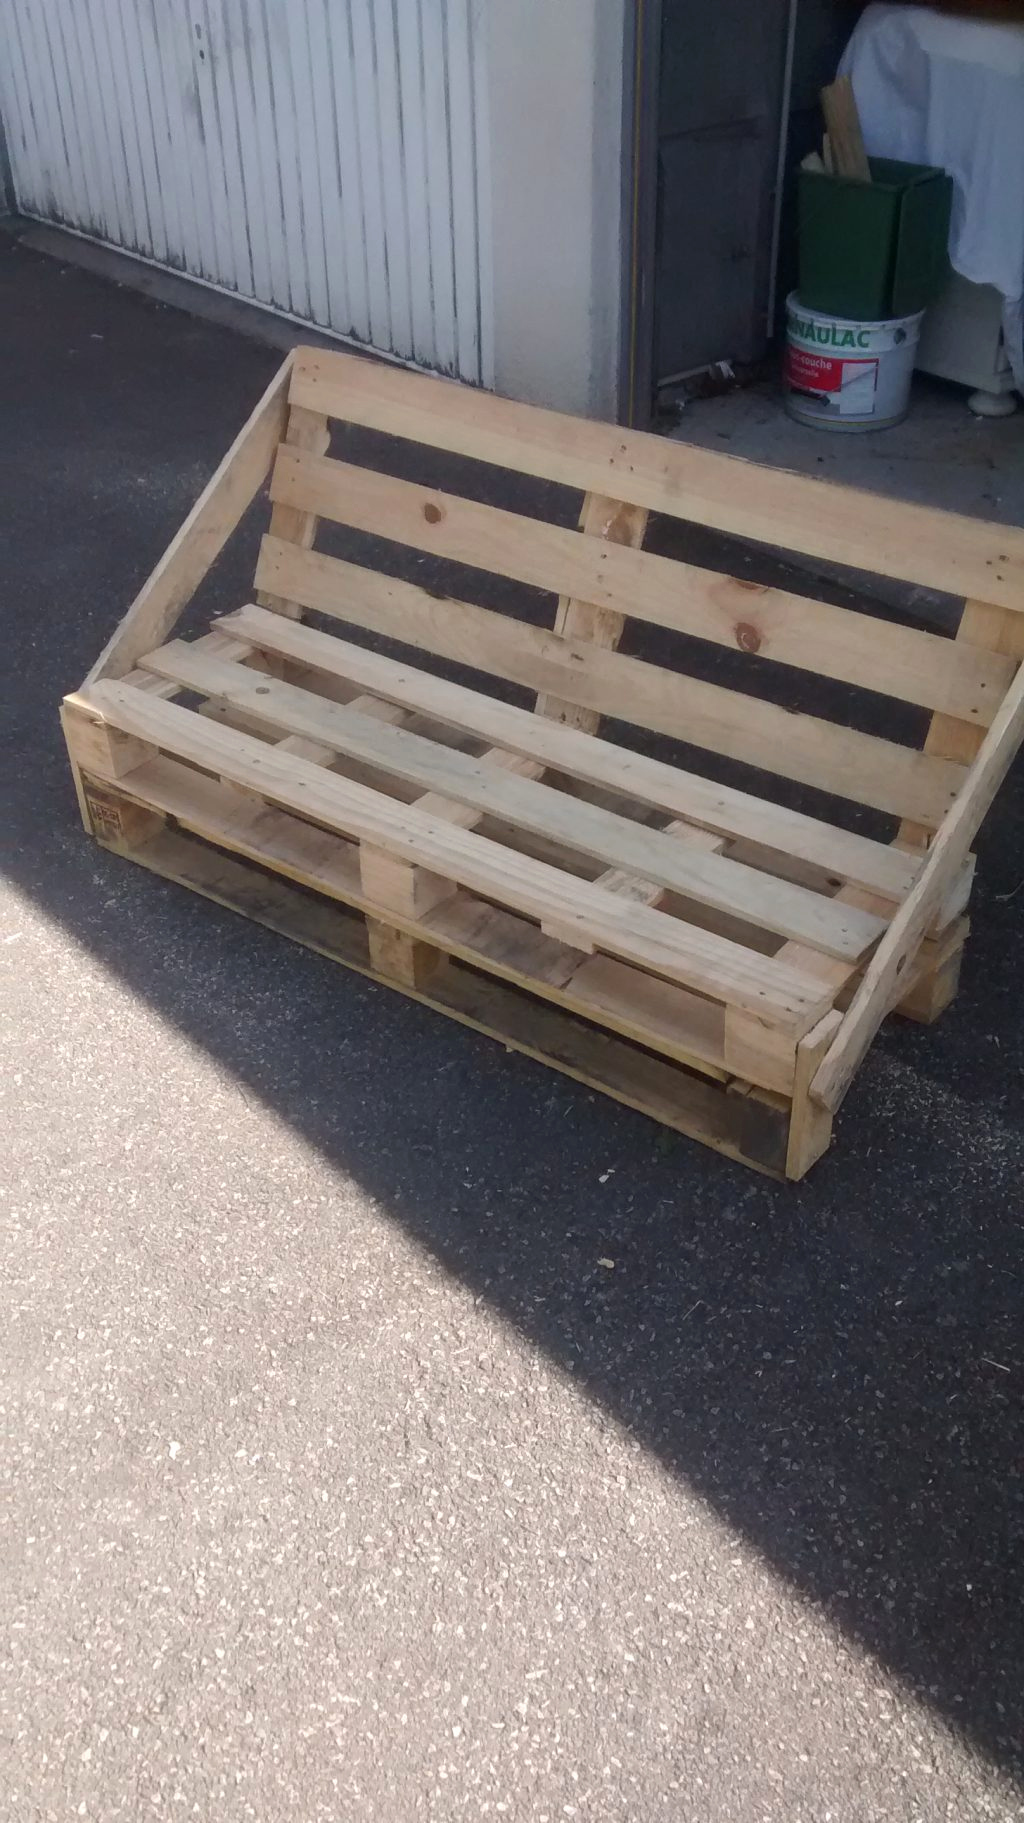 fabriquer un fauteuil en palette luxe fauteuil palette plan of fabriquer un fauteuil en palette